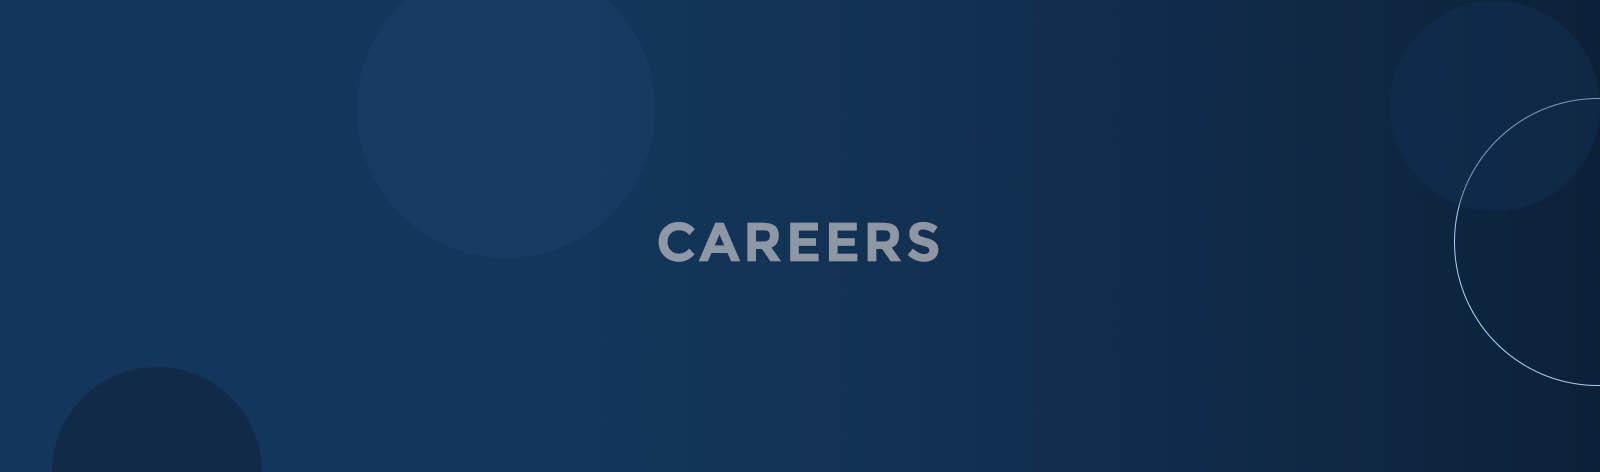 header-careers